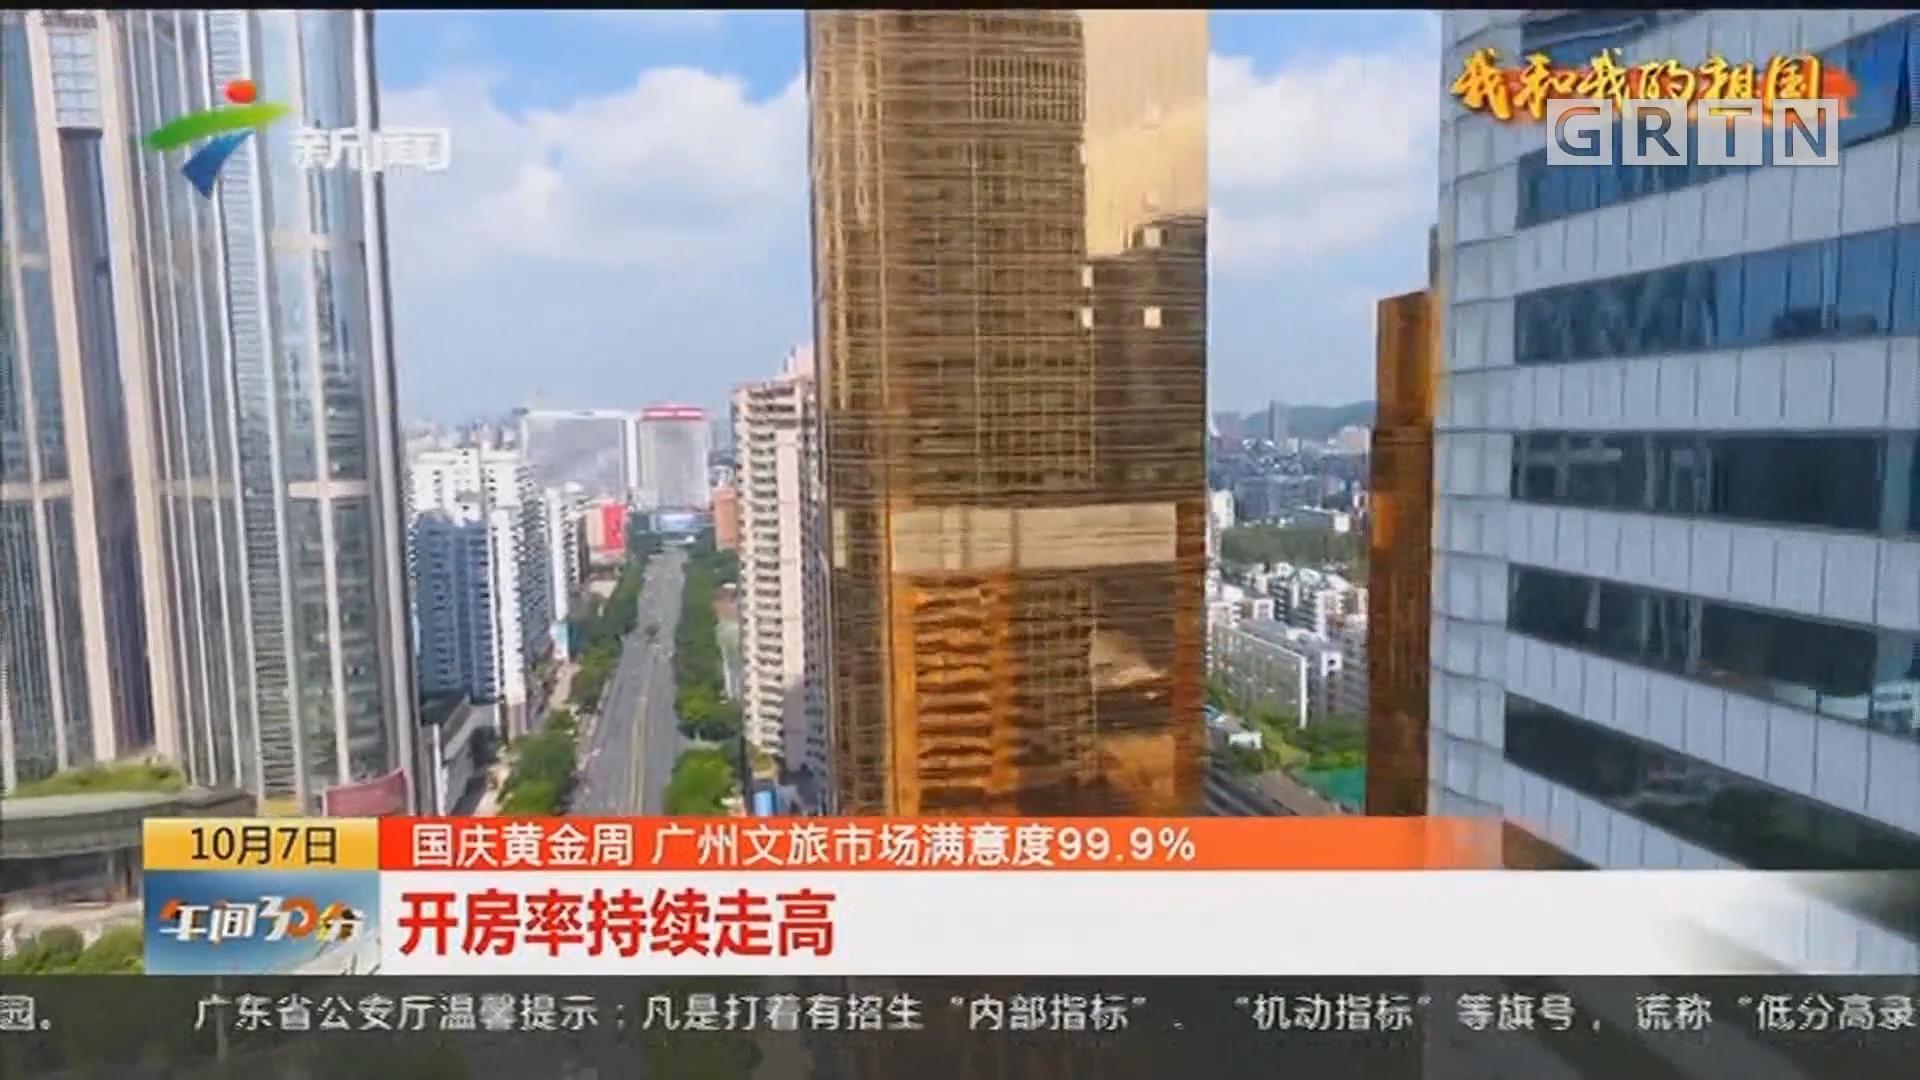 国庆黄金周 广州文旅市场满意度99.9%:开房率持续走高